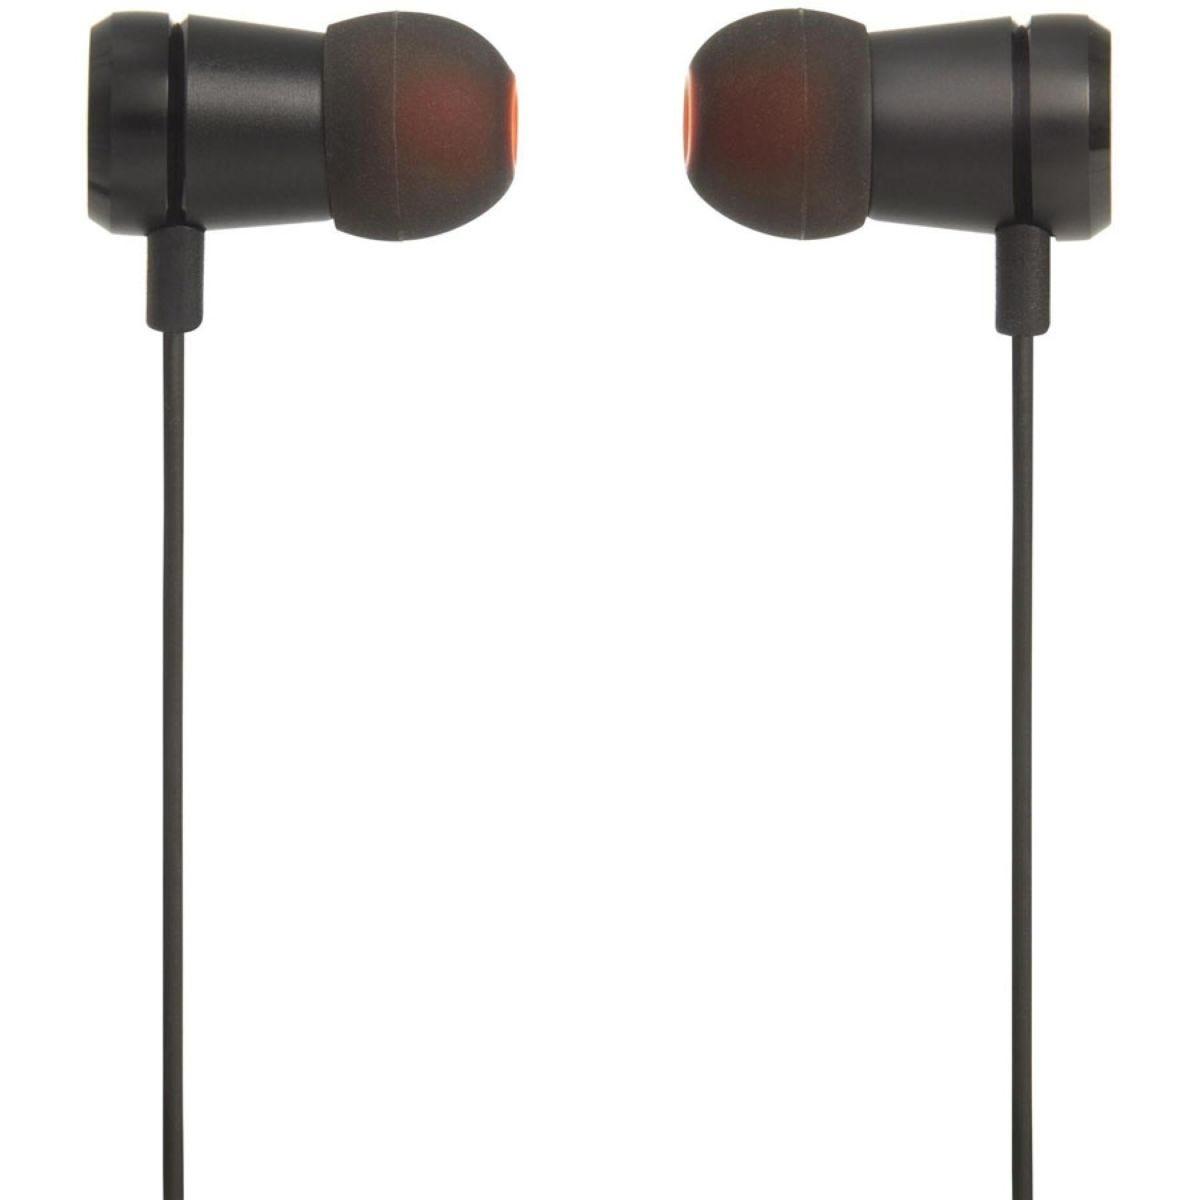 JBL T290 In-Ear Headphones - Black